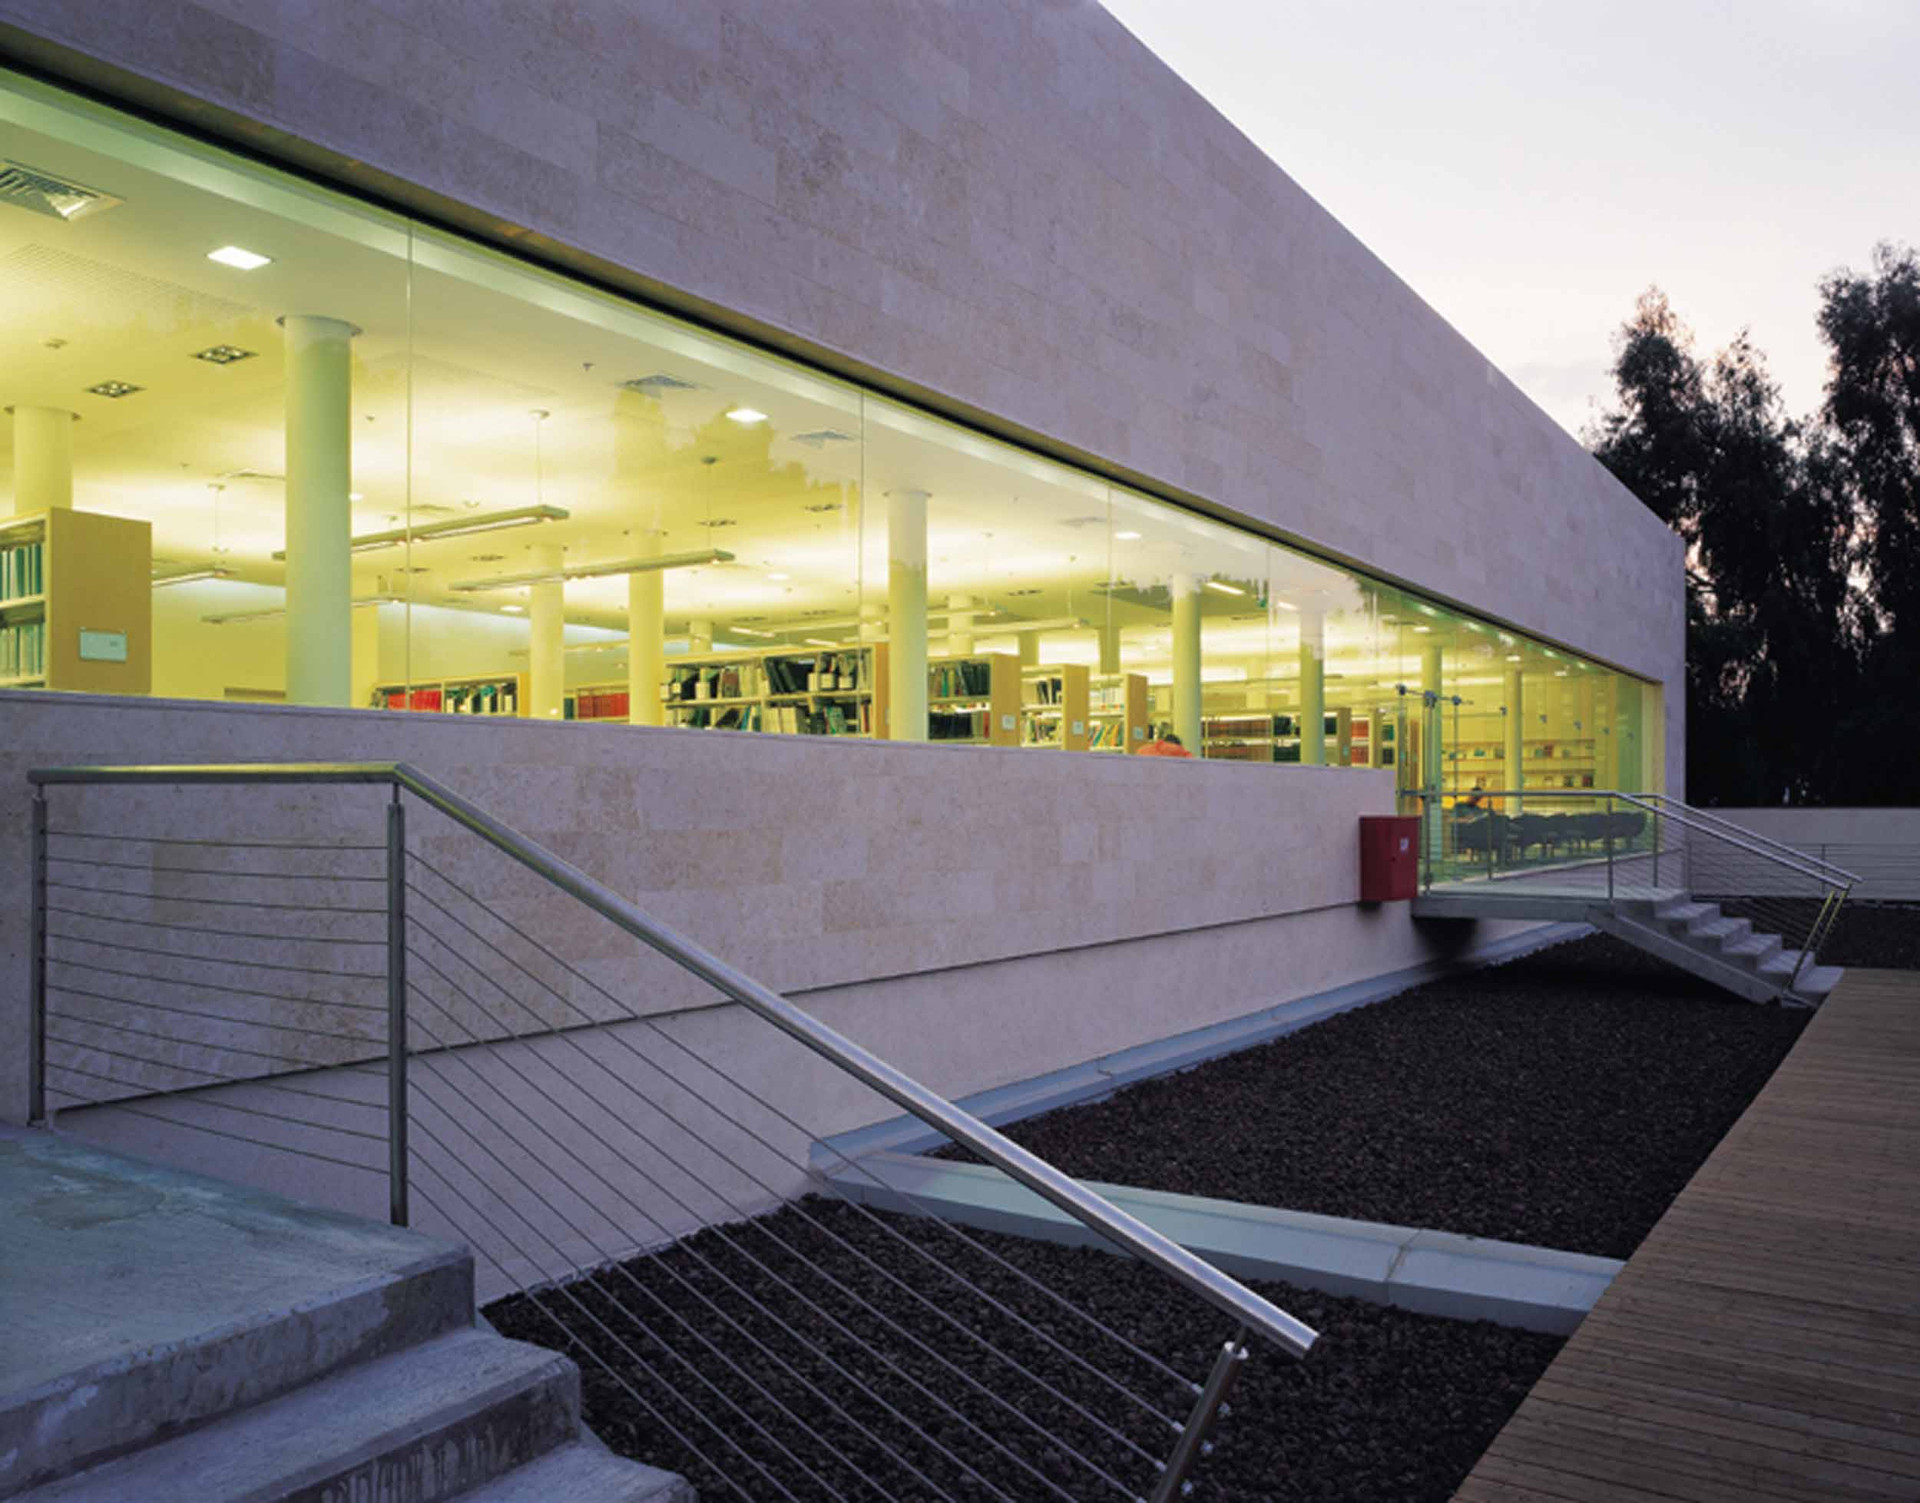 ספריית מרק ריץ, המרכז הבינתחומי, הרצליה